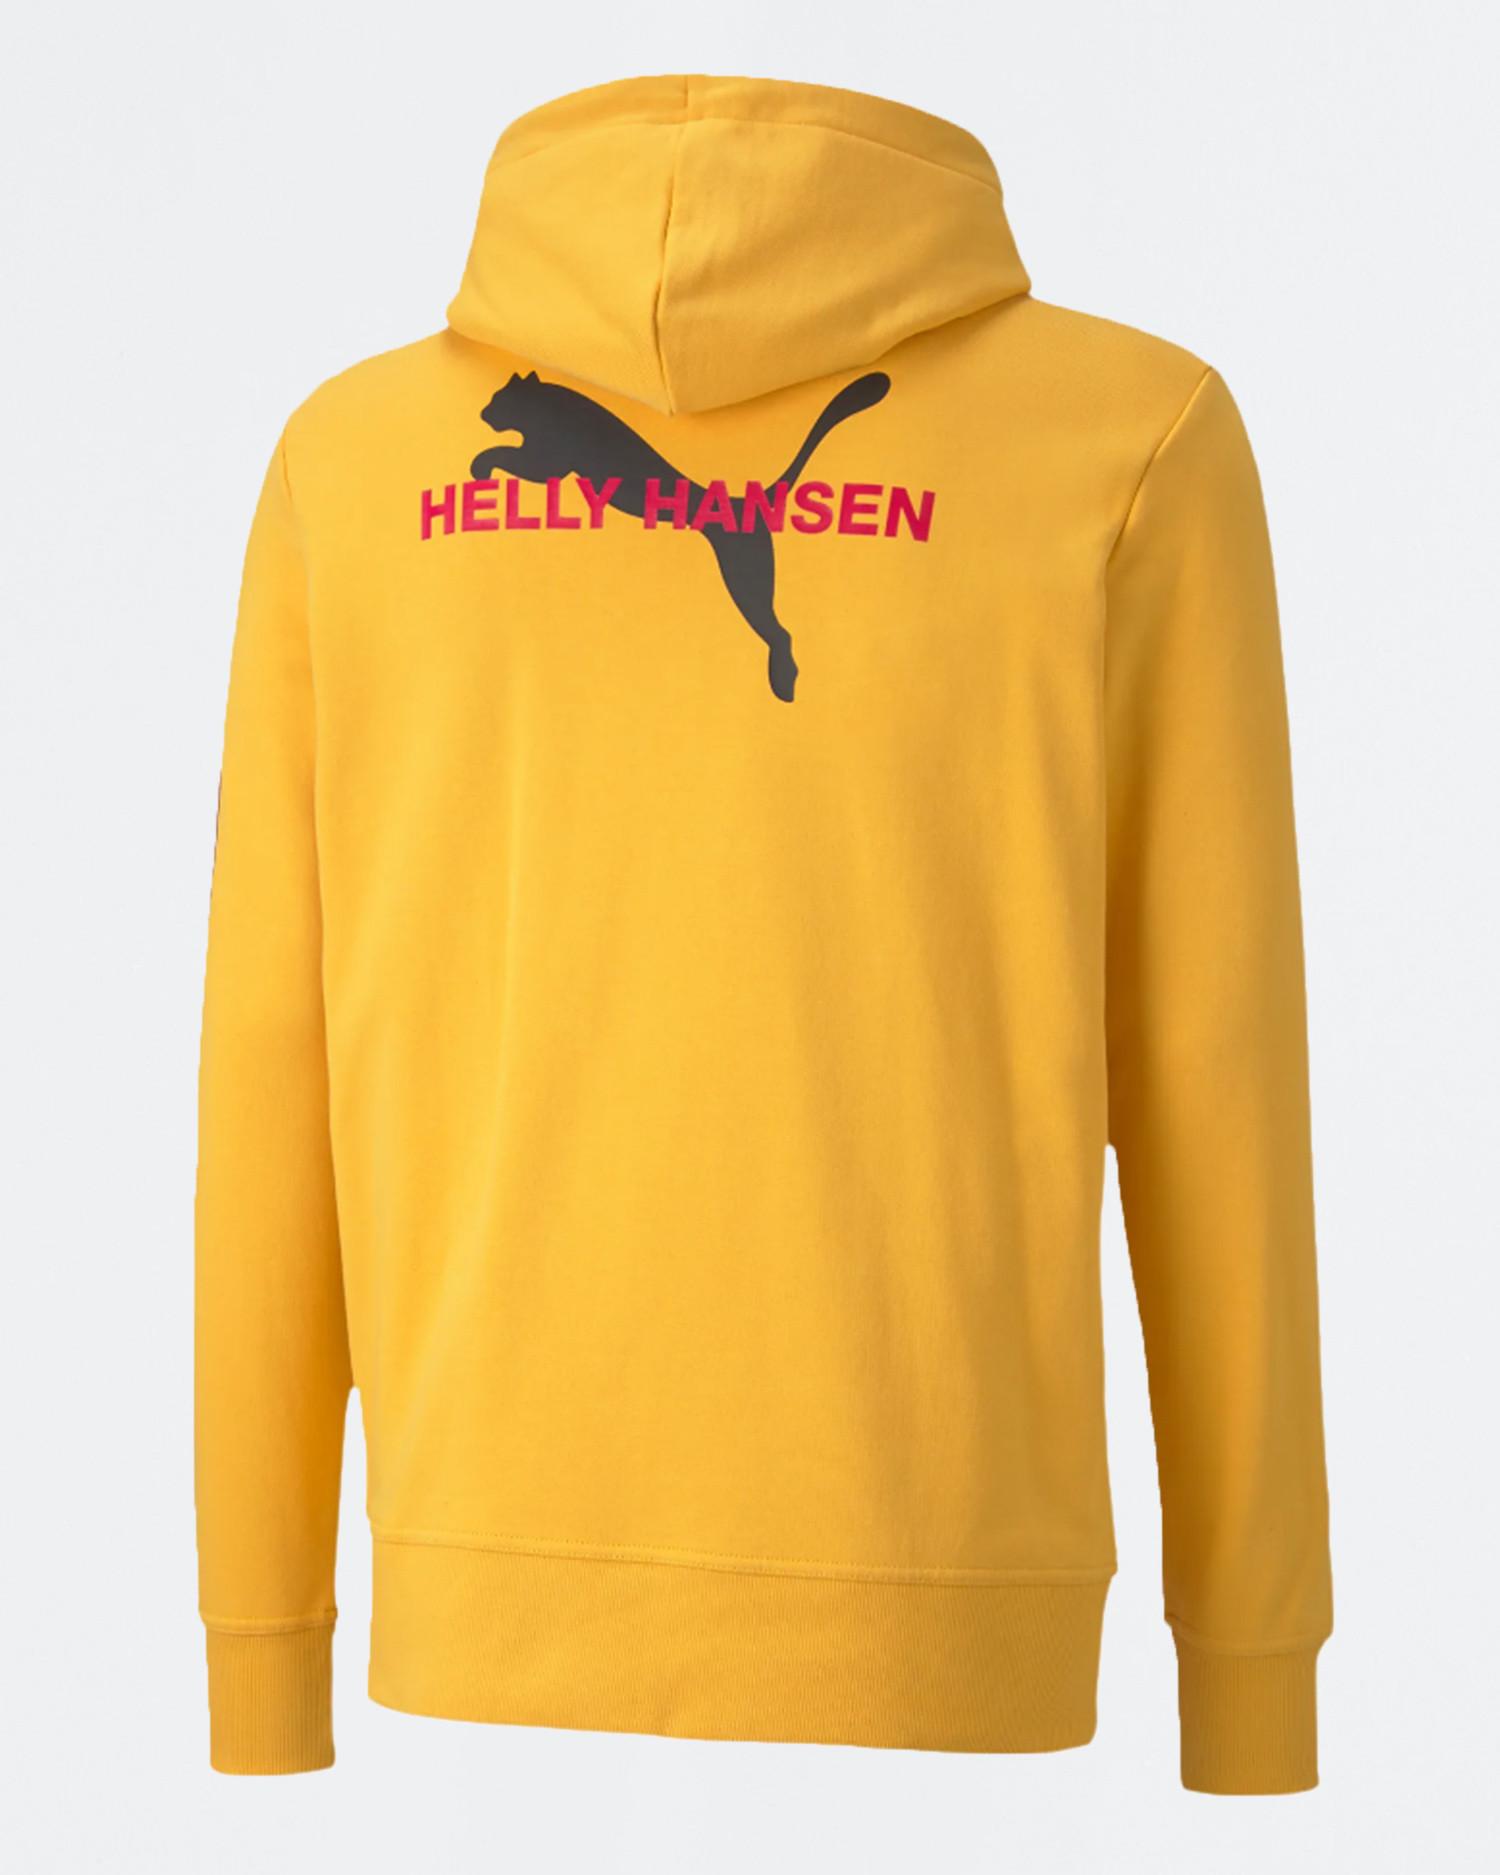 Puma x Helly Hansen hoodie citrus